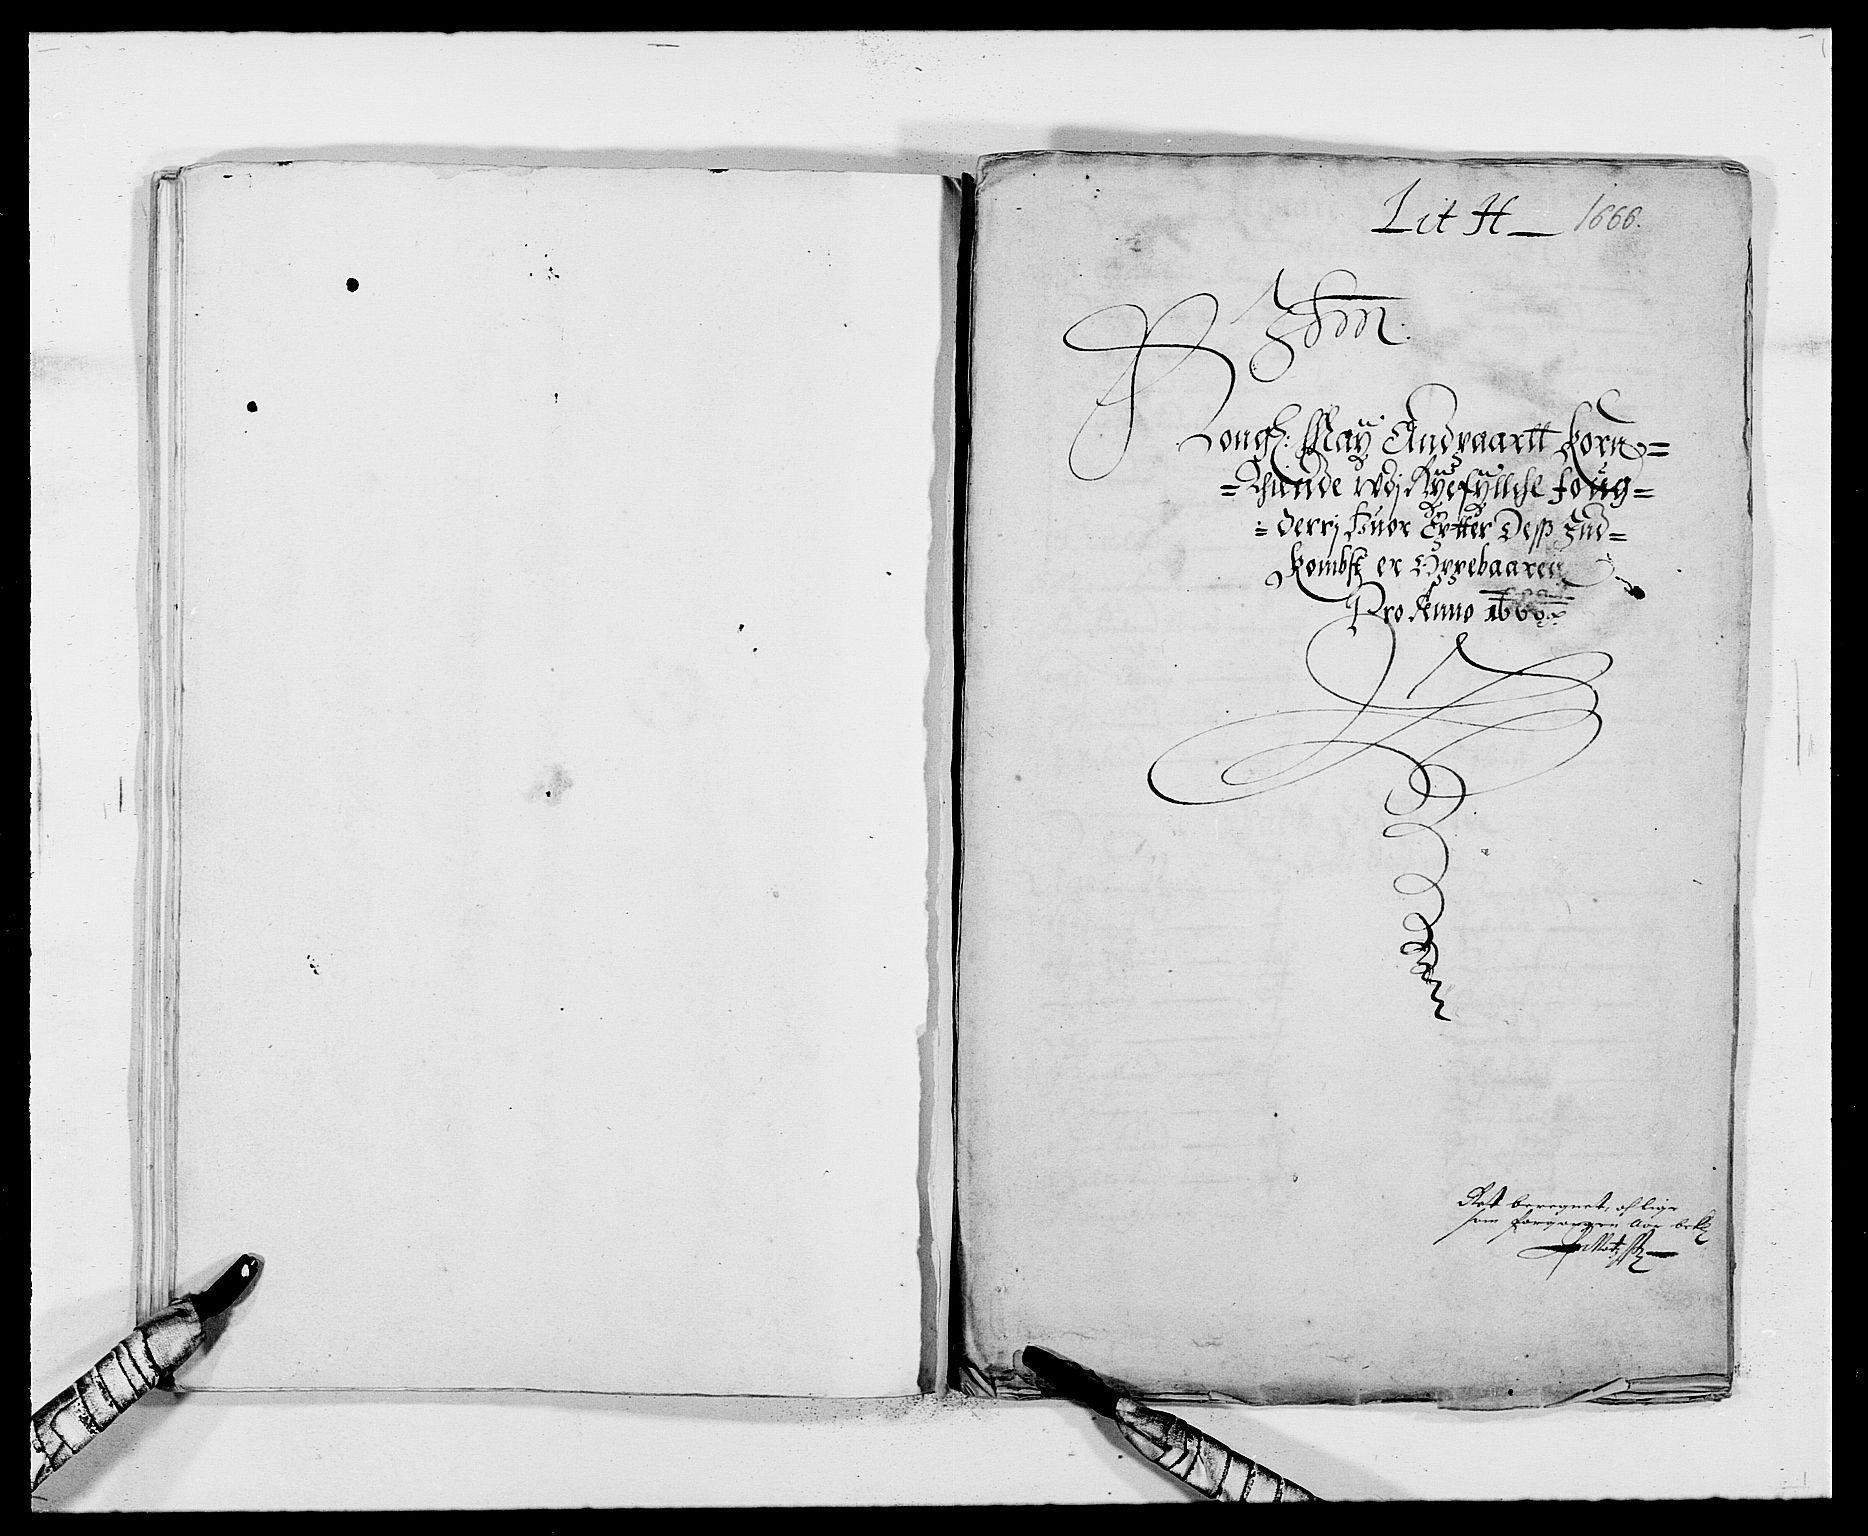 RA, Rentekammeret inntil 1814, Reviderte regnskaper, Fogderegnskap, R47/L2840: Fogderegnskap Ryfylke, 1665-1669, s. 75